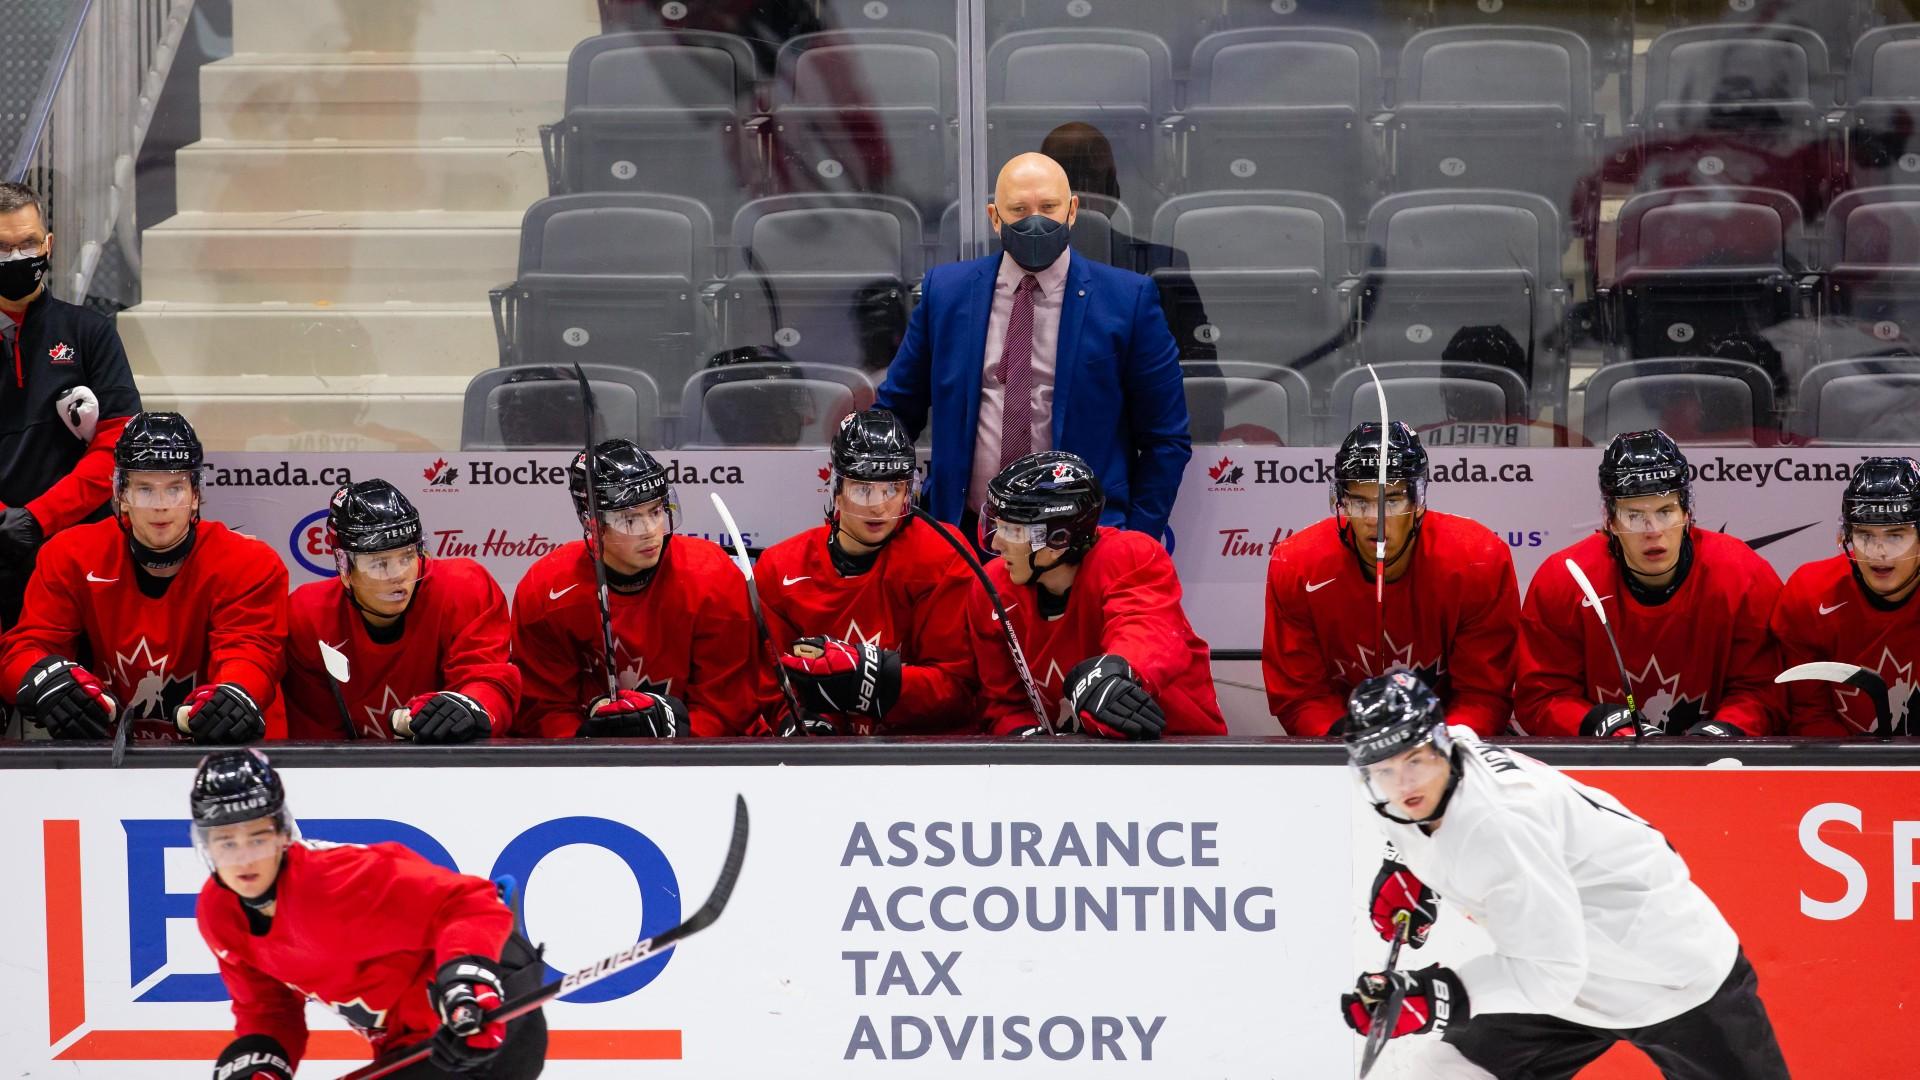 andre-tourigny-canada-070121-Rob-Wallator-Hockey-Canada-Images-ftr.jpeg